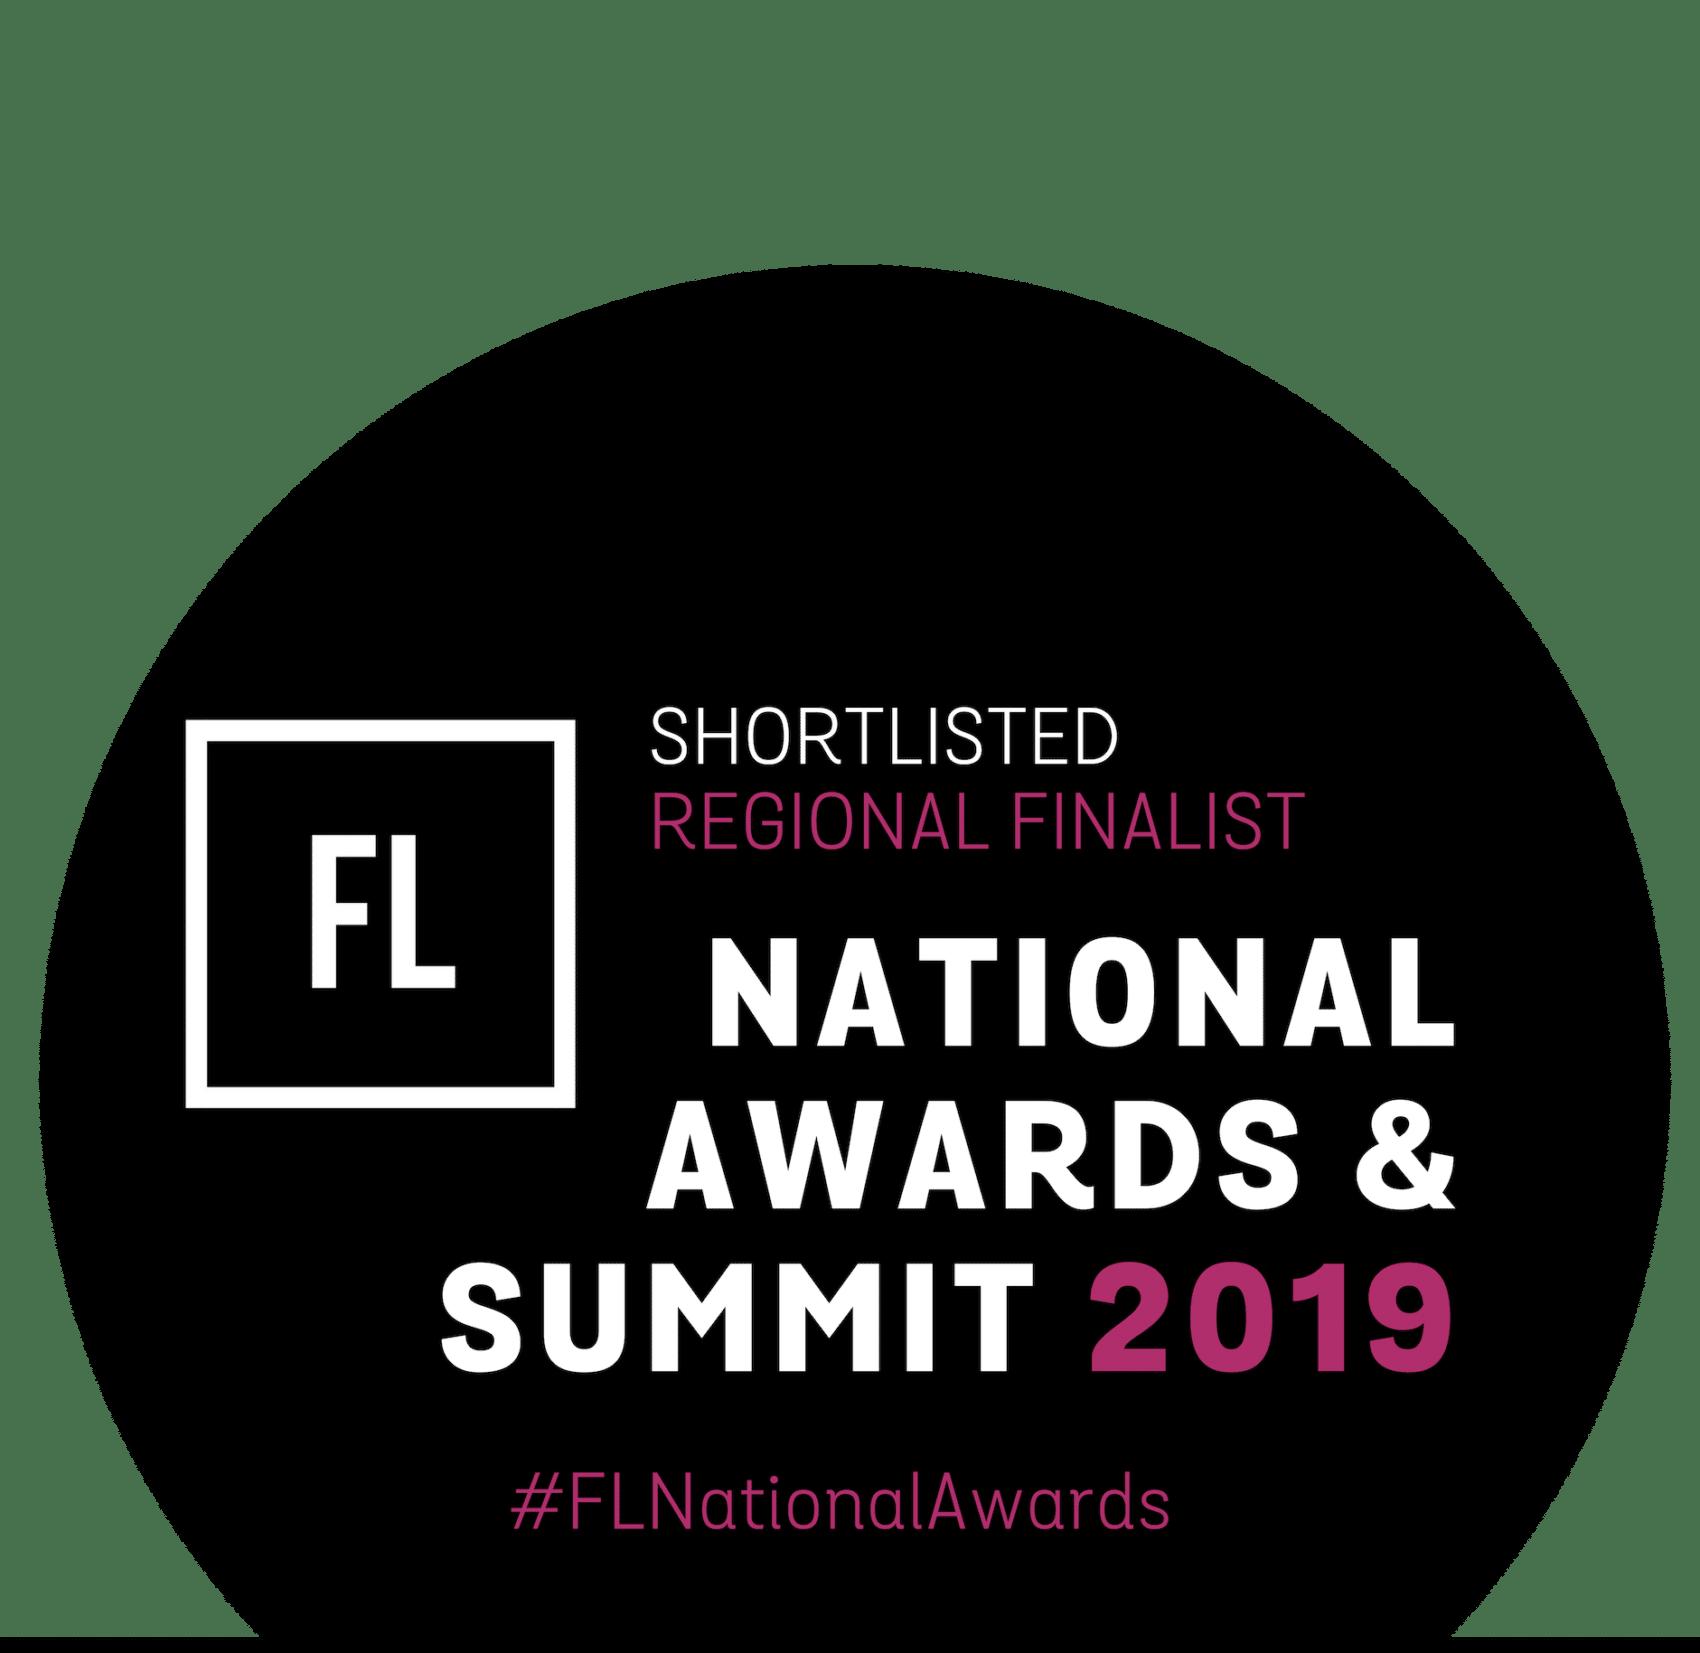 FL-National-Awards-2019-badge.png